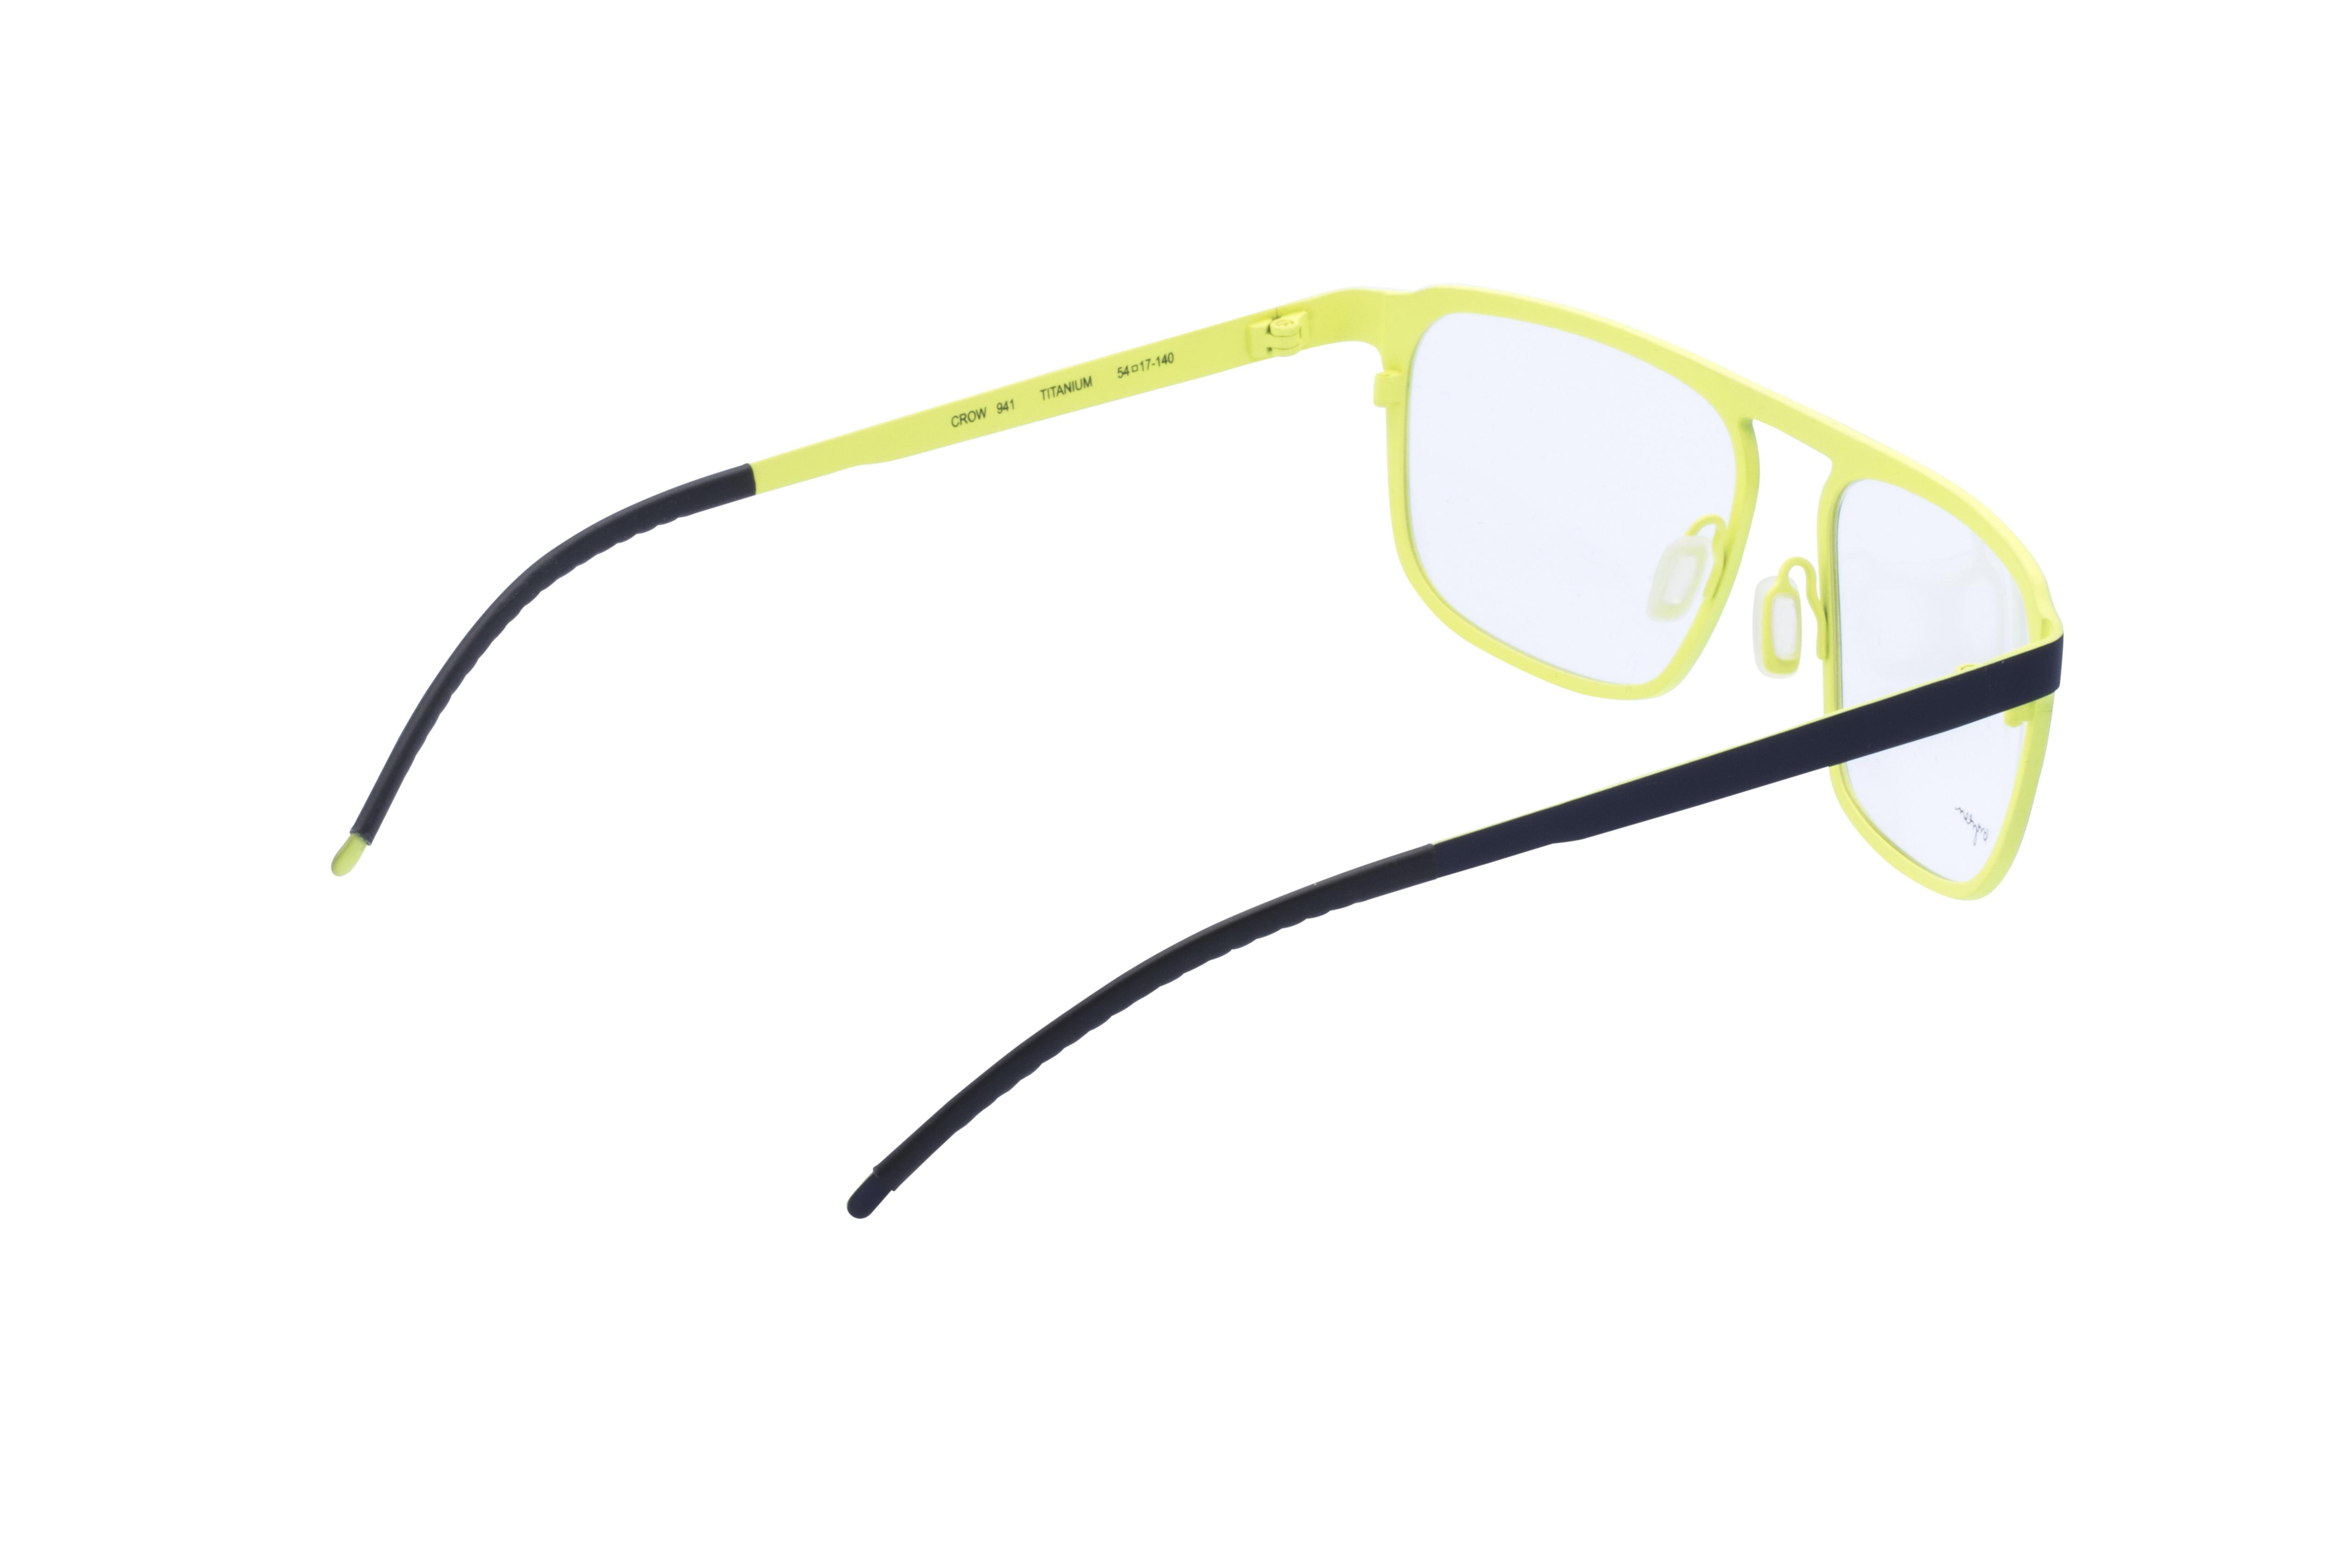 360 Grad Ansicht 8 Orgreen Crow, Brille auf Weiß - Fassung bei KUNK